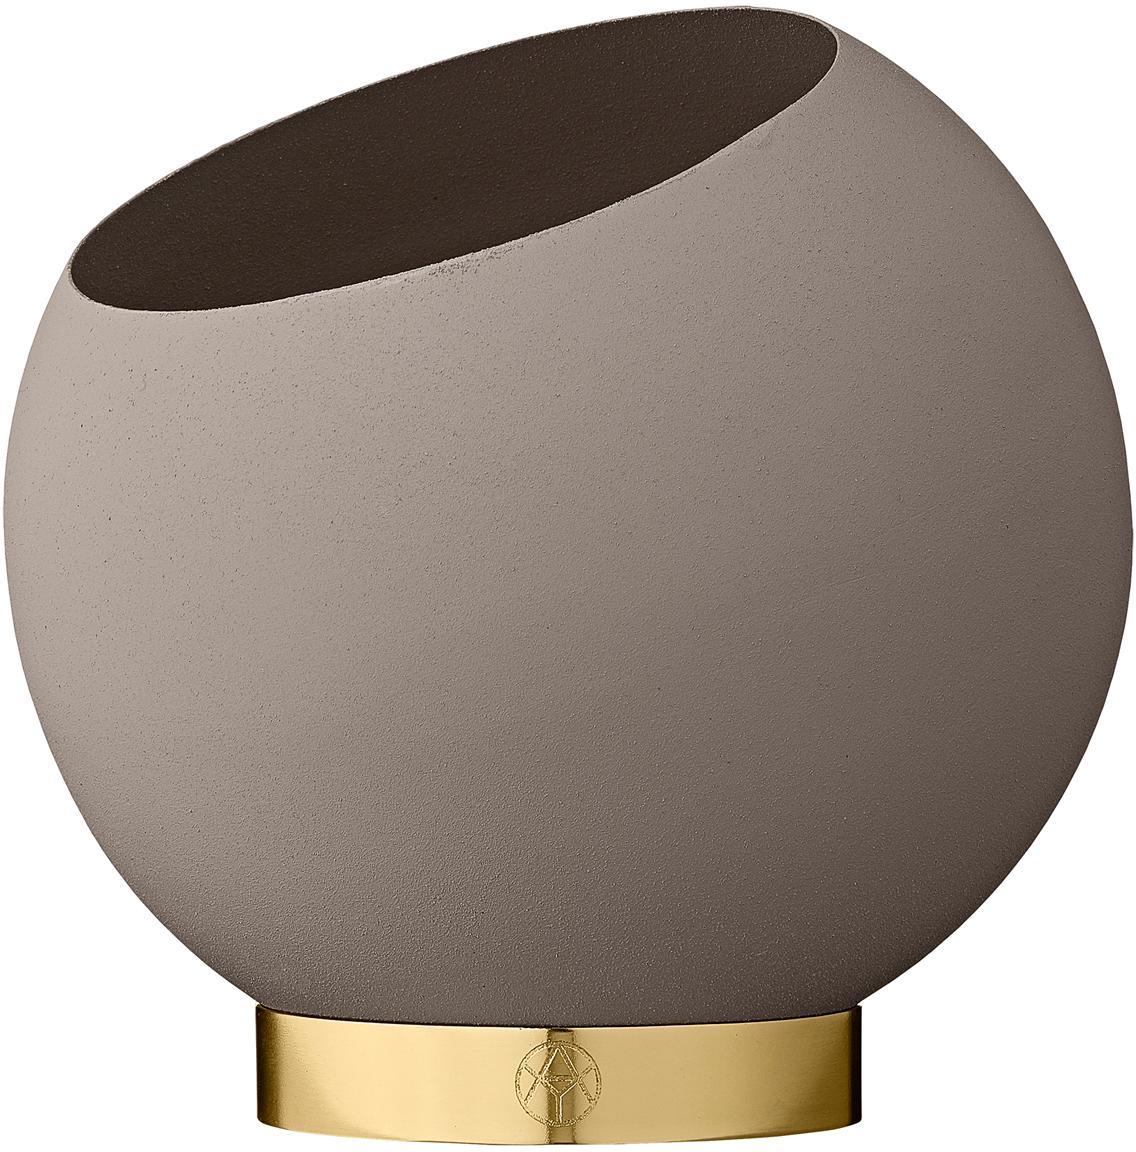 Übertopf Globe aus Metall, Übertopf: Metall, pulverbeschichtet, Taupe, Ø 17 x H 15 cm